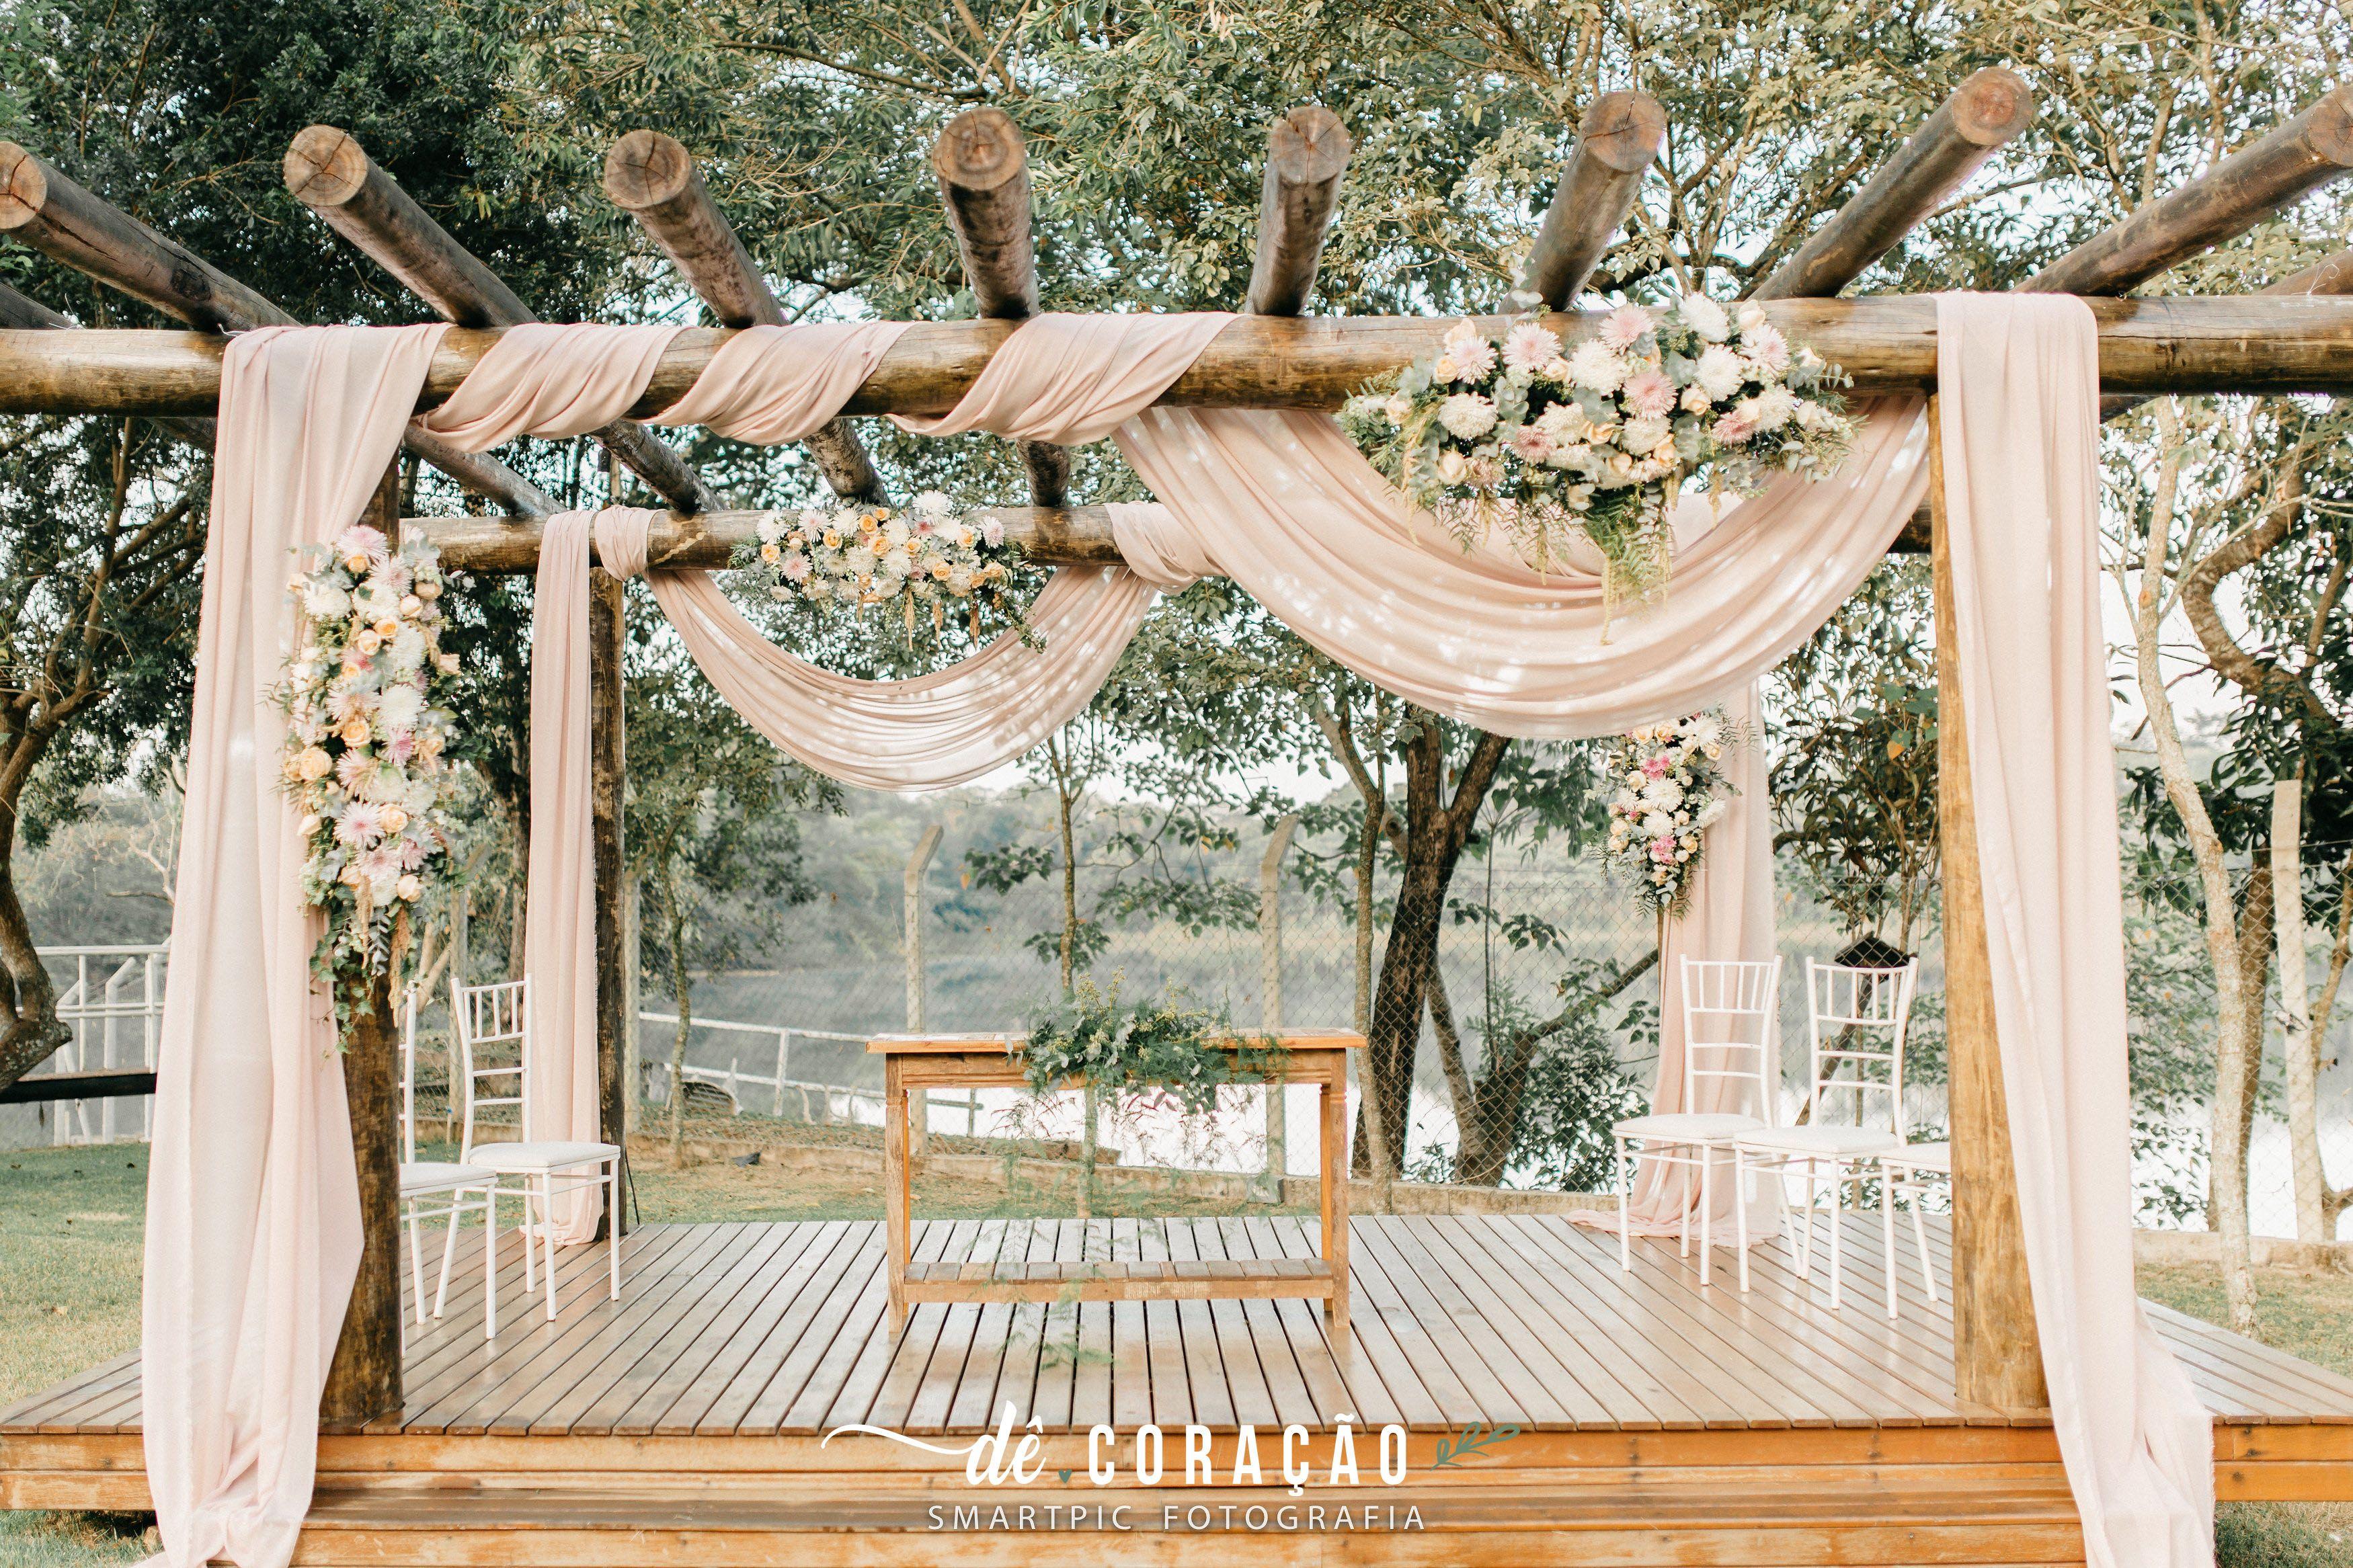 Casamento Nordico Muito Verde E Flores Brancas Cerimonia Ao Ar